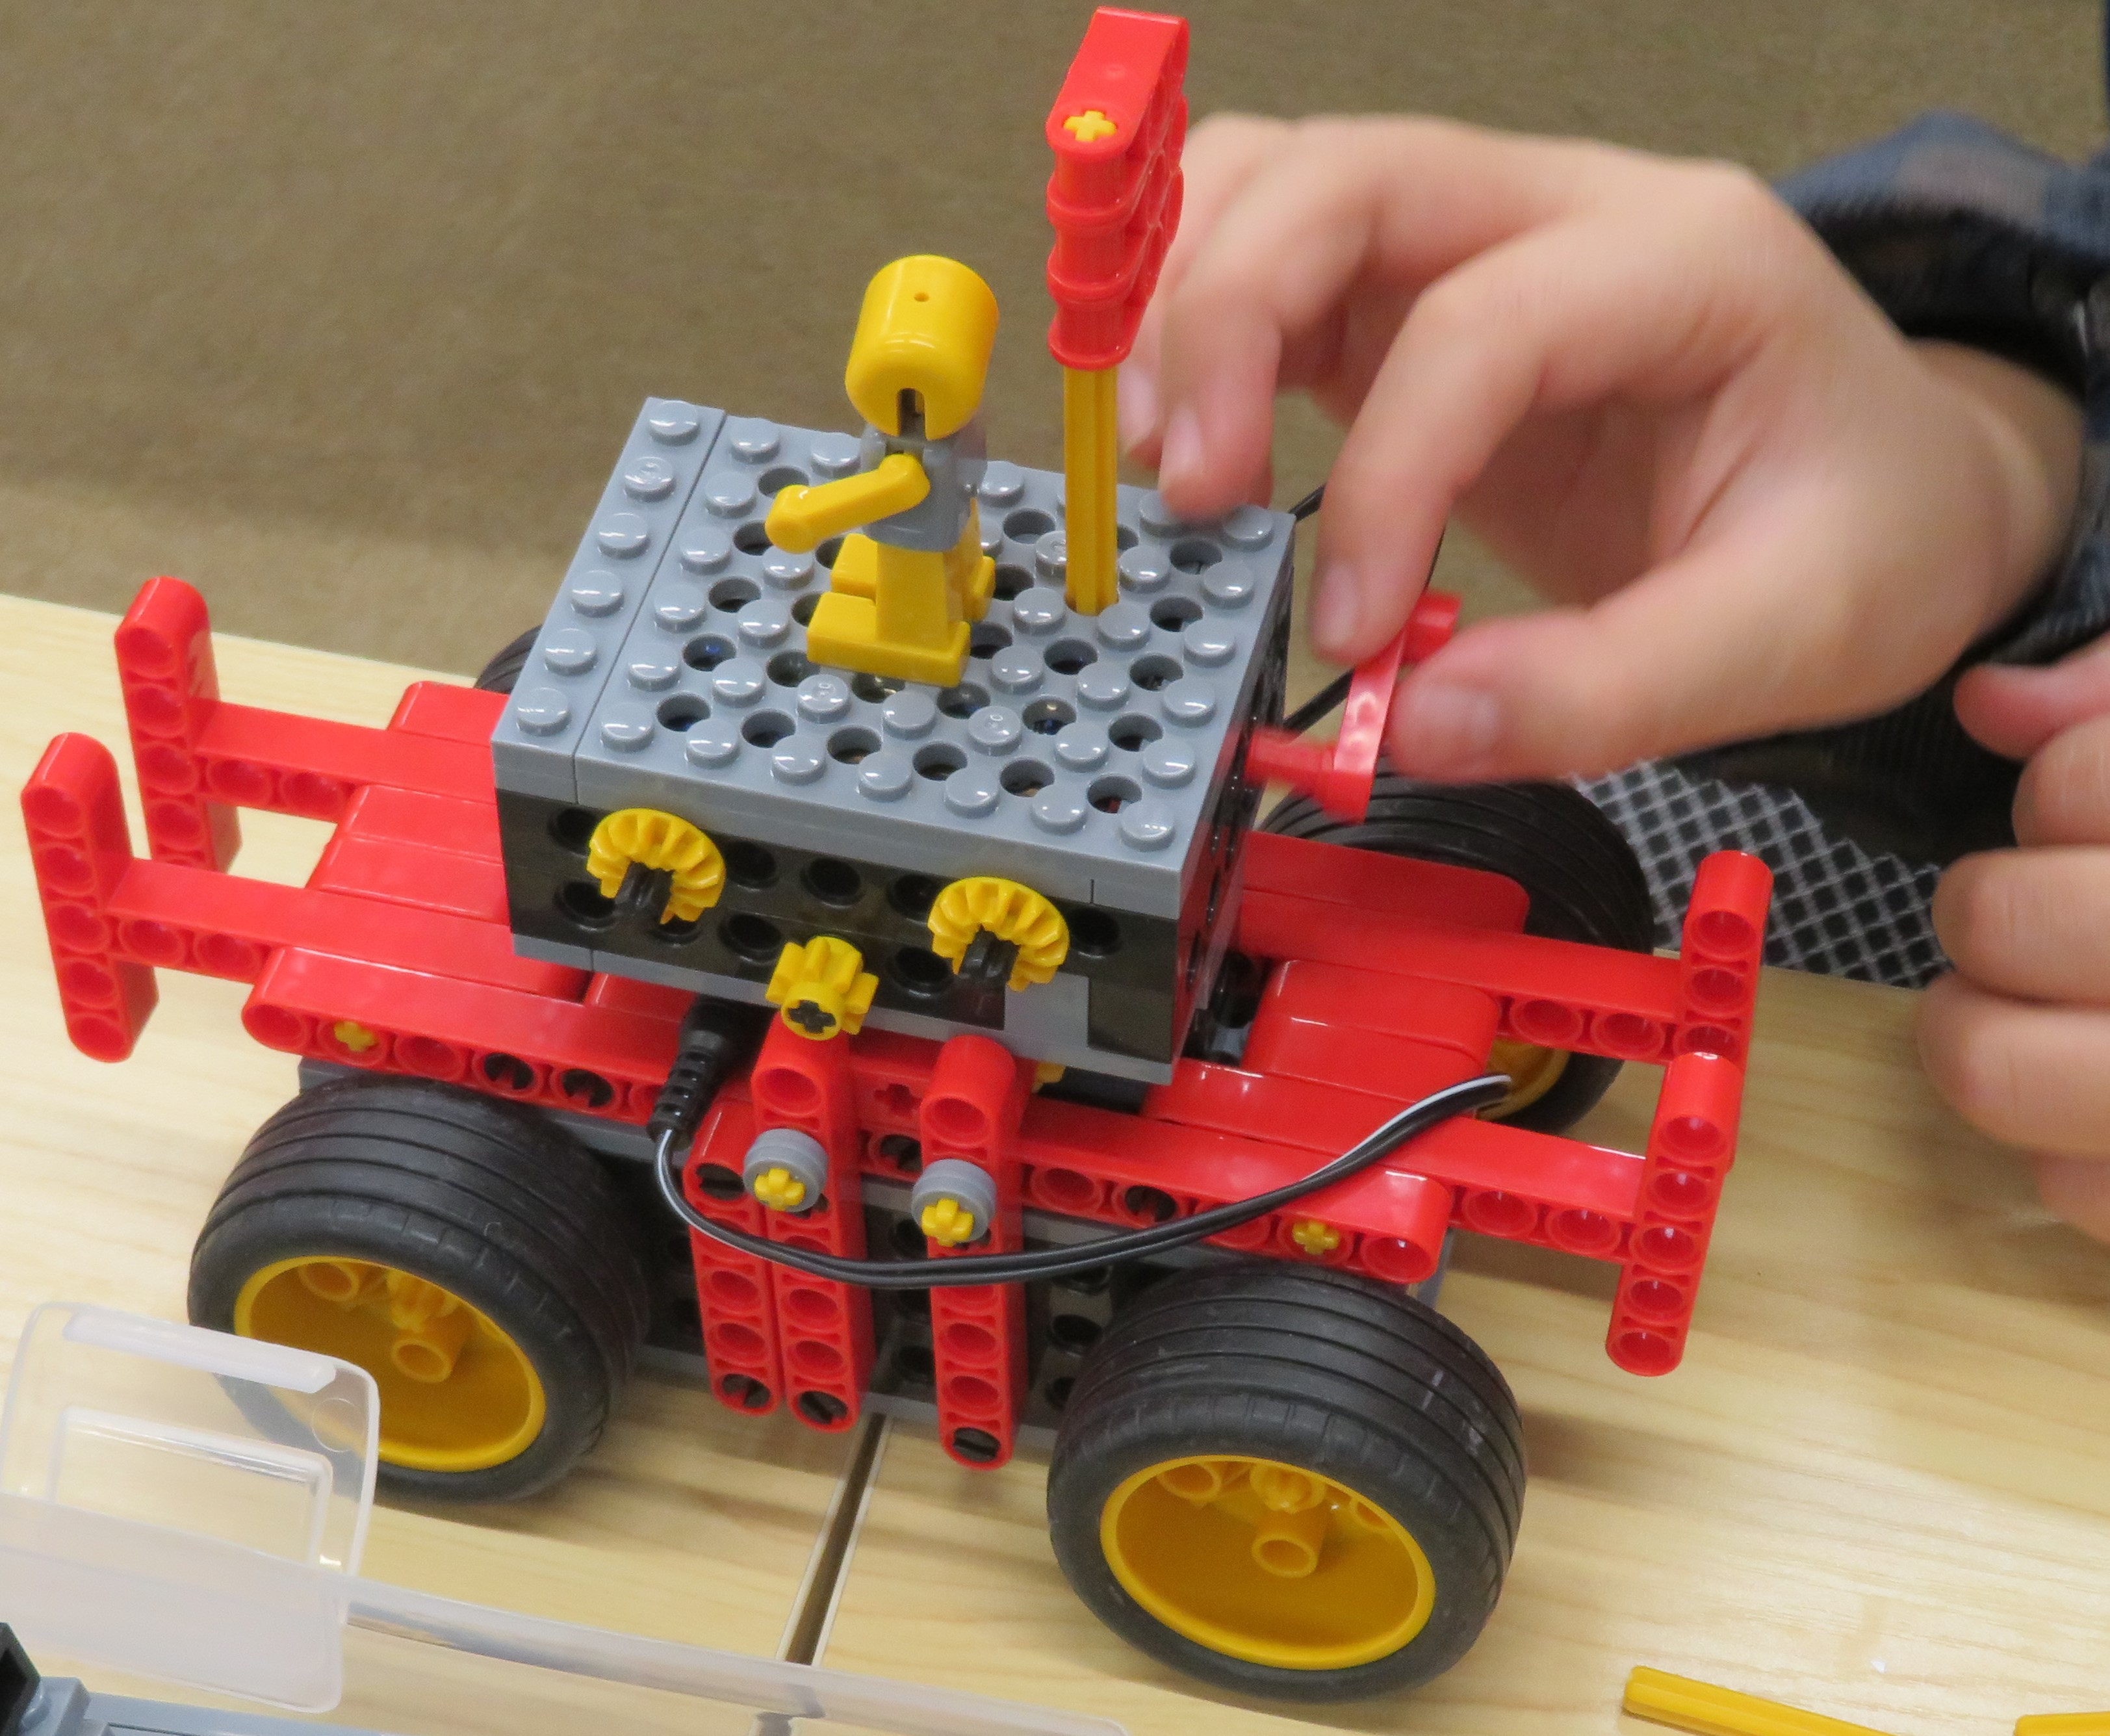 GWが明けて  ロボット・プログラミング教室のひかりスクール